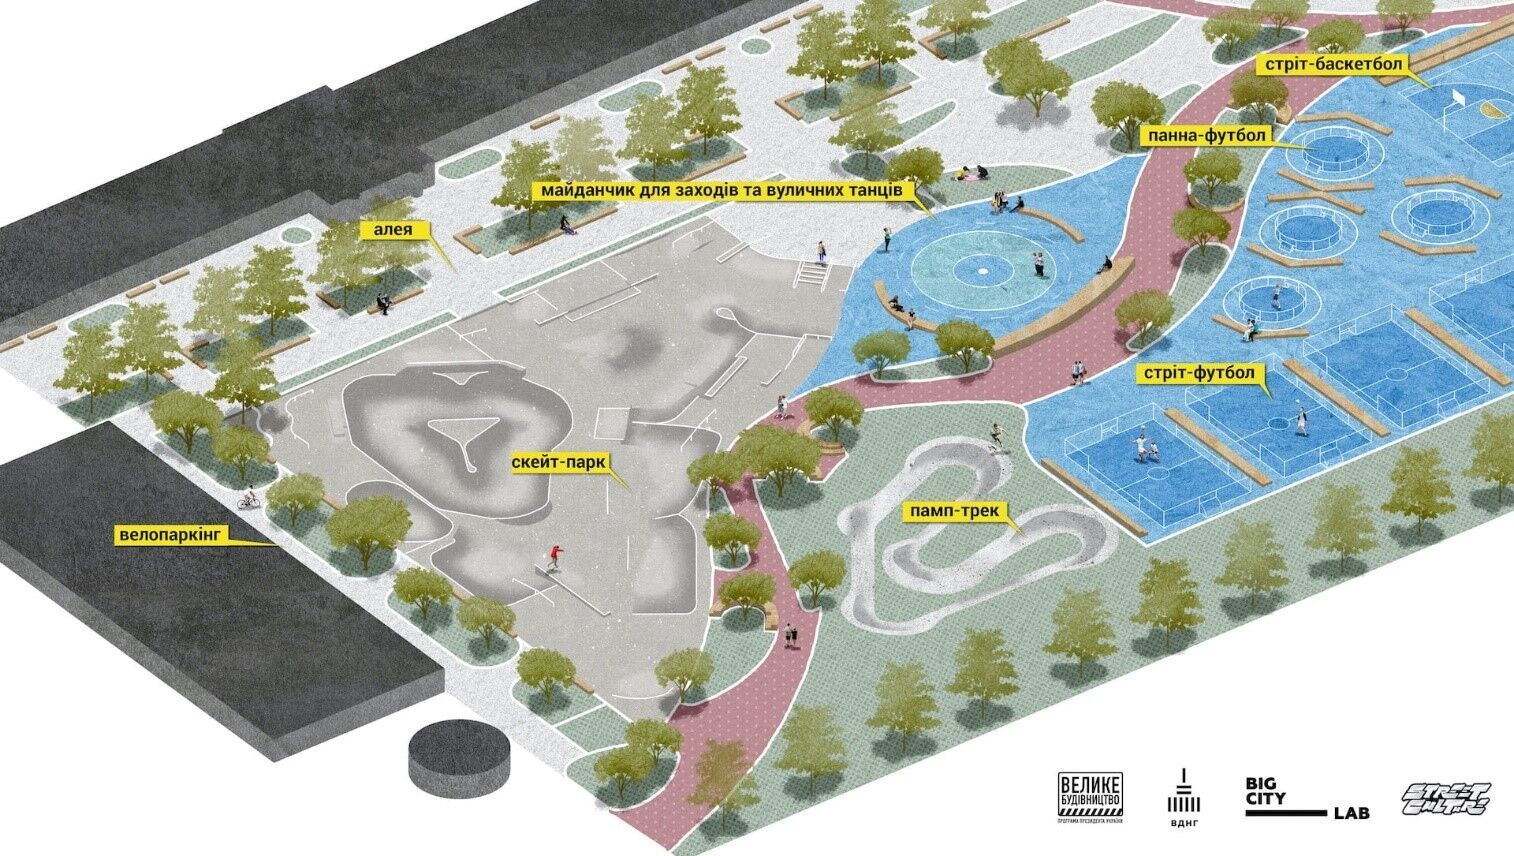 """Стало известно, каким будет урбан-парк на ВДНГ: его создают по программе """"Большая стройка"""""""